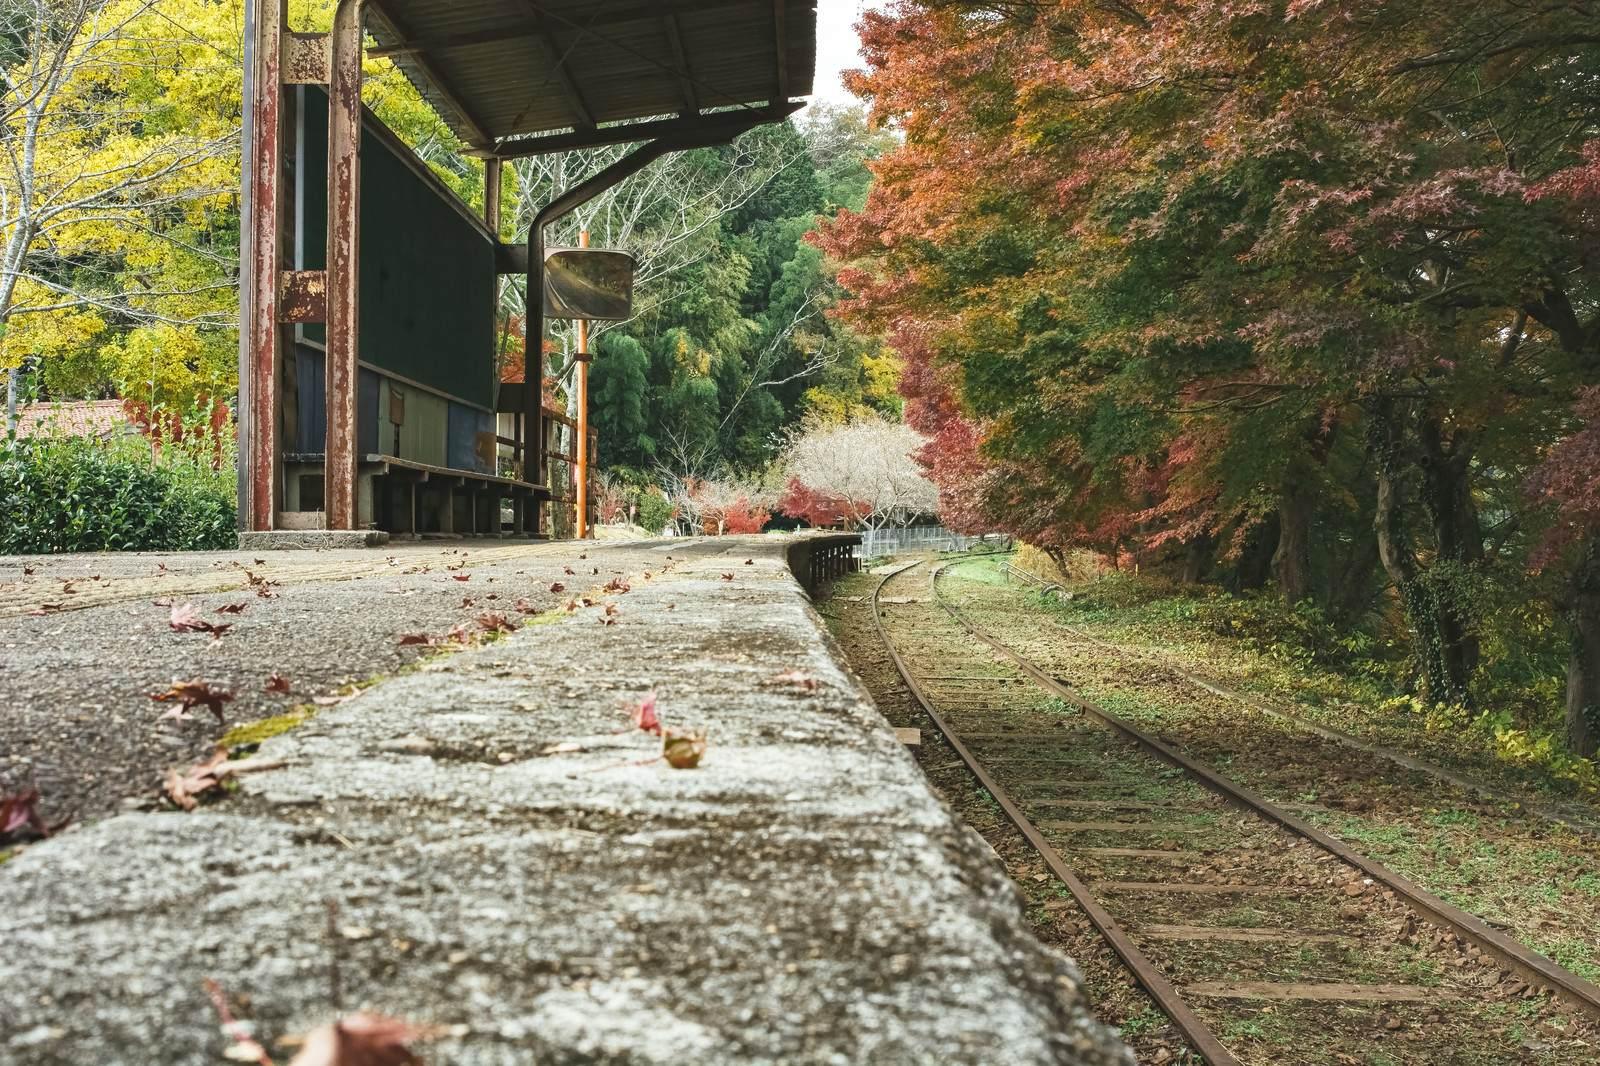 『久しぶりに電車に乗ったら変な駅についた話』|本当にあった不思議な体験